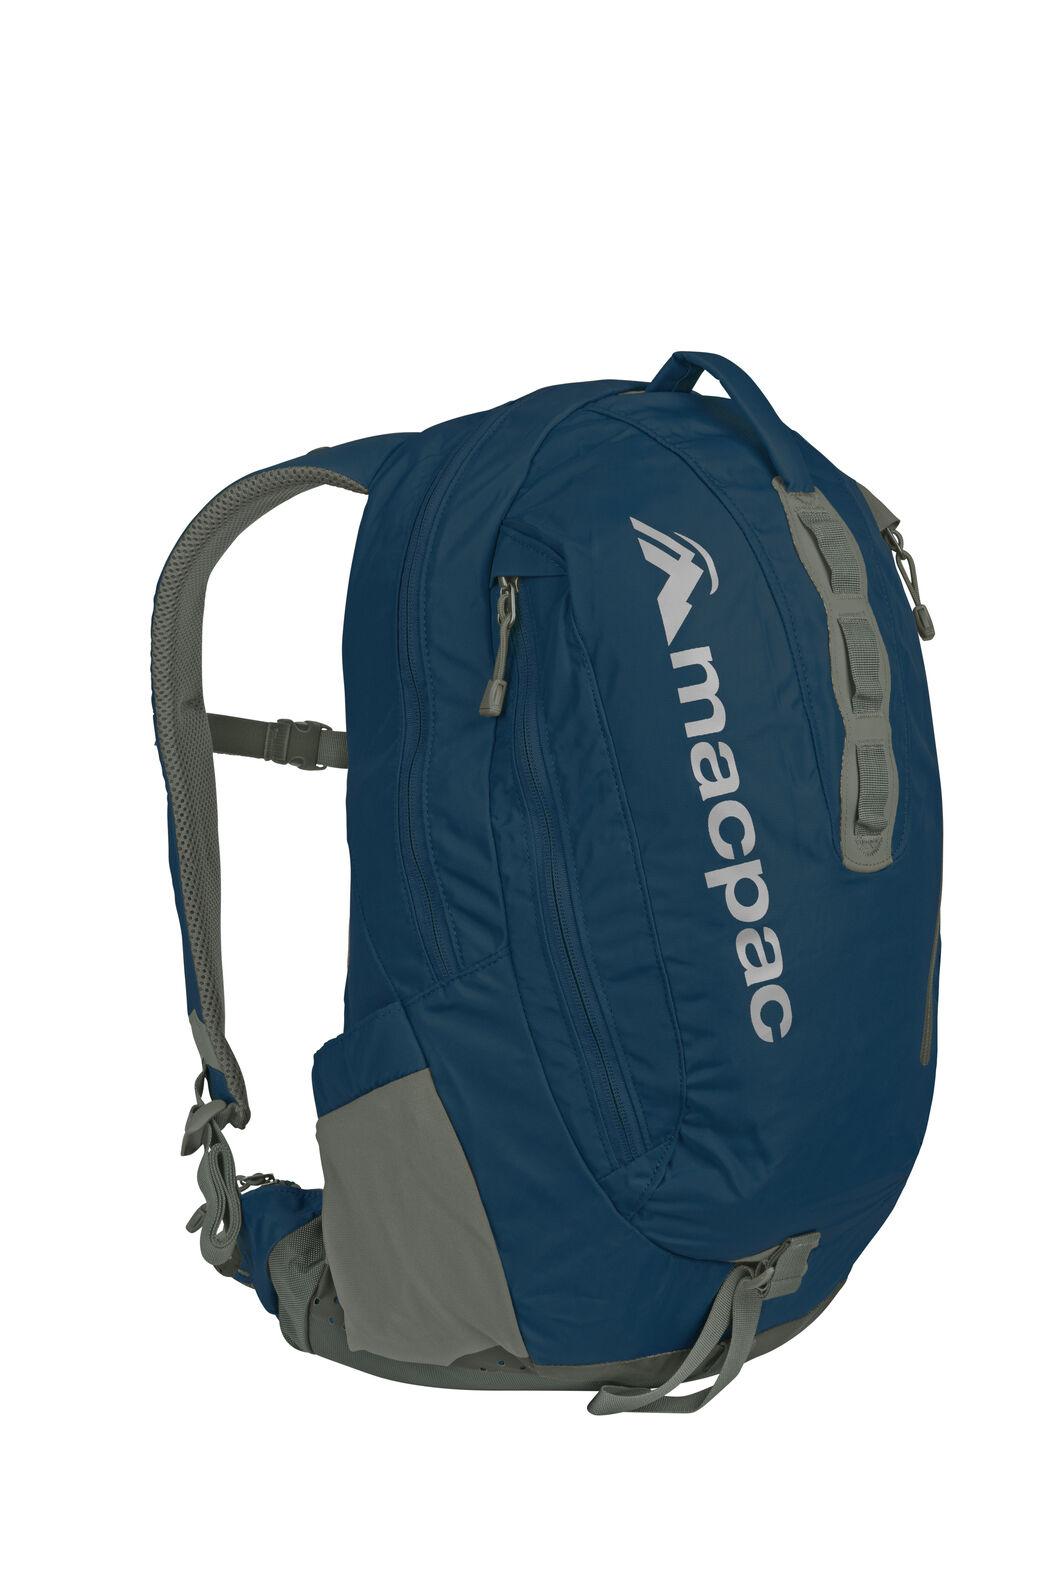 Macpac Rapaki 26L Daypack, Poseidon, hi-res